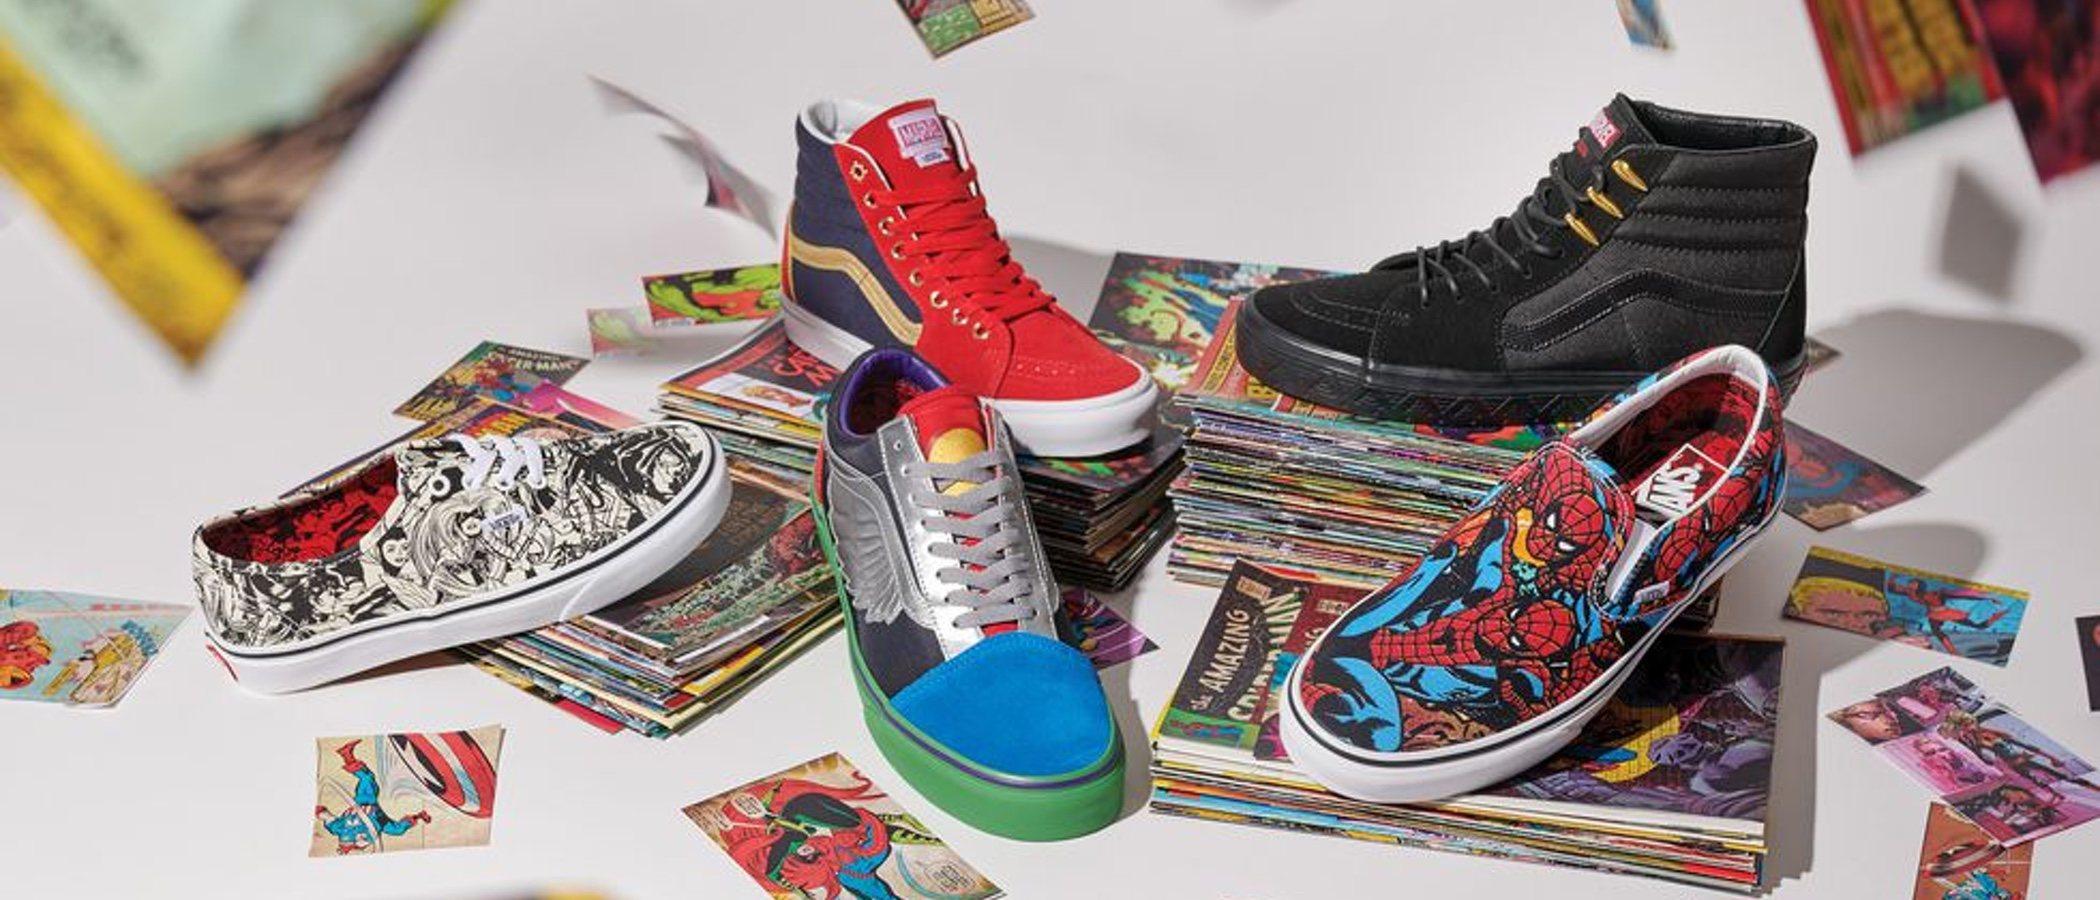 Vans se alía con Marvel para su nueva colección dedicada al mundo del cómic